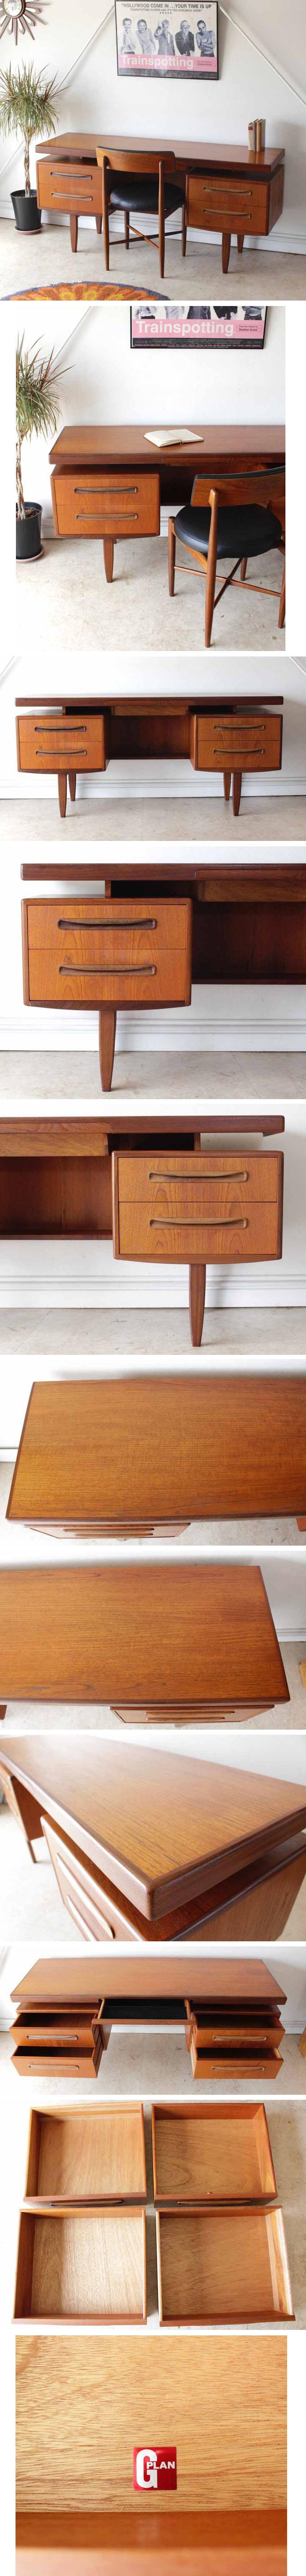 ジープラン・G-plan・デスク・ビンテージ・家具・アンティーク・机・北欧・ミッドセンチュリー